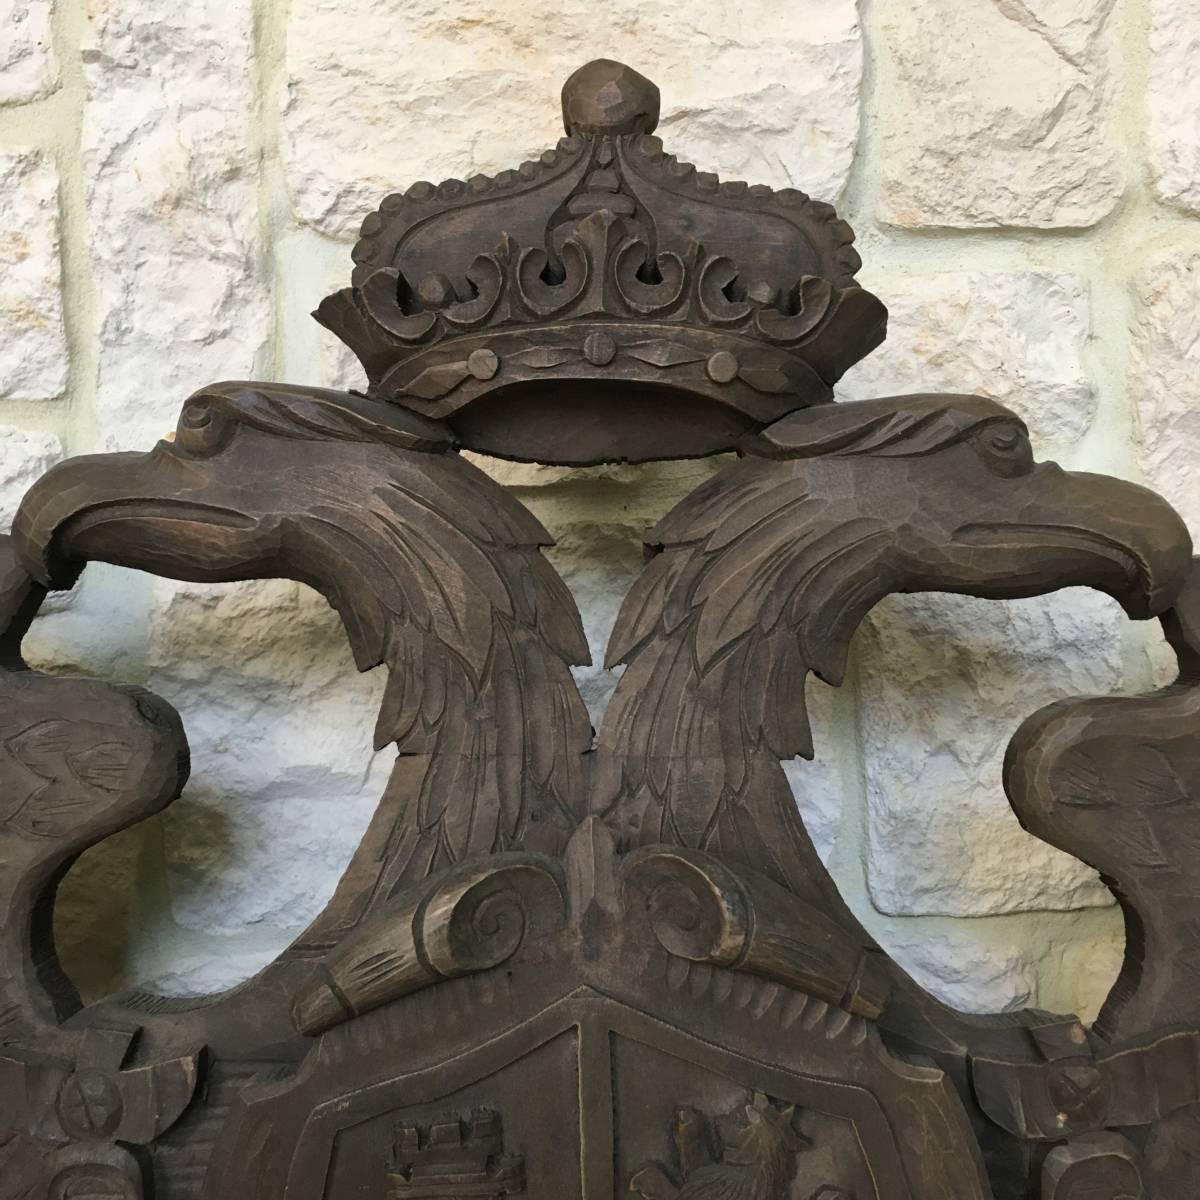 フランスアンティーク イーグル オブジェ 壁掛け 木製 ウッドオブジェ アンティーク家具 アンティーク ヨーロッパ 重厚_画像6